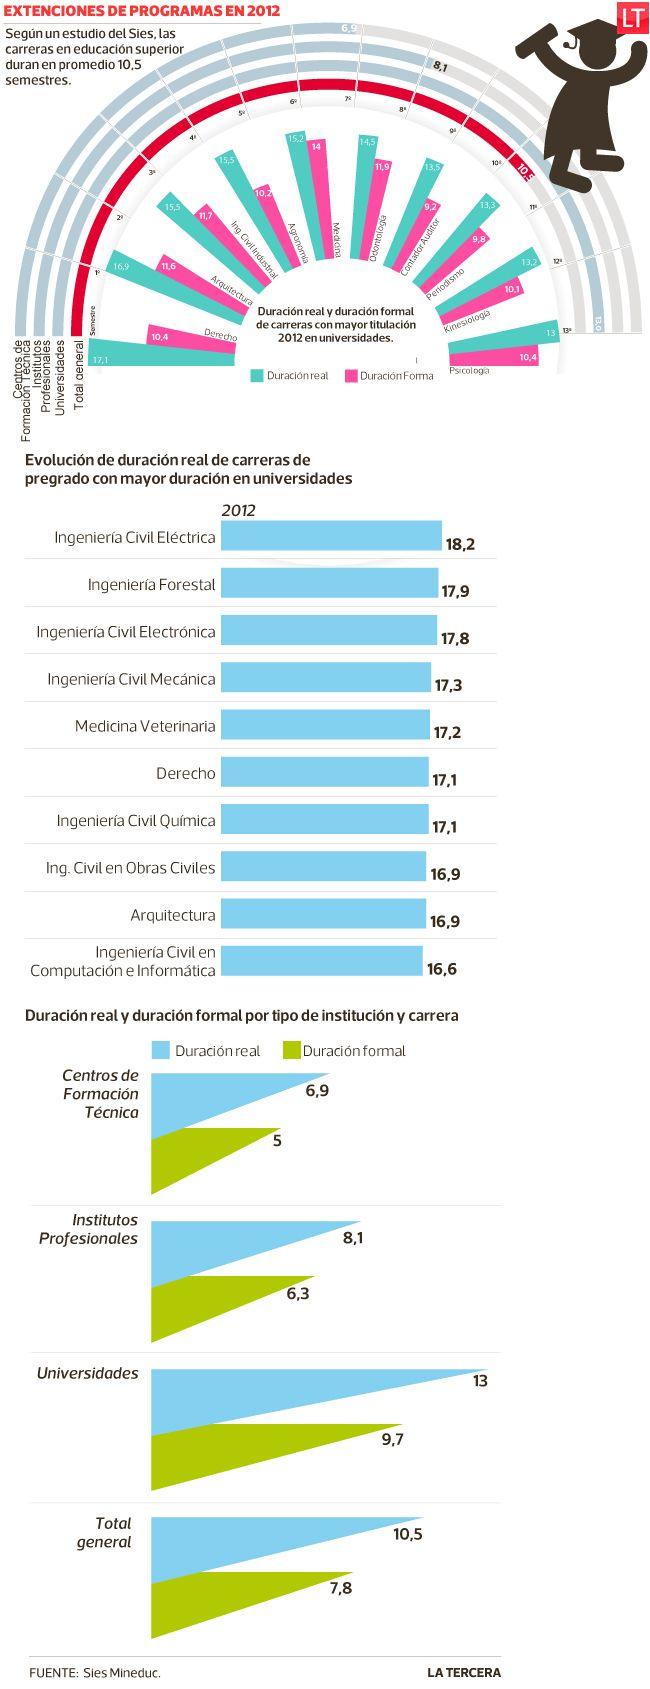 Estudio del Mineduc revela que en promedio las carreras universitarias duran un año y nueve meses más de lo que las instituciones definen en sus planes de estudio. #Chile 2014